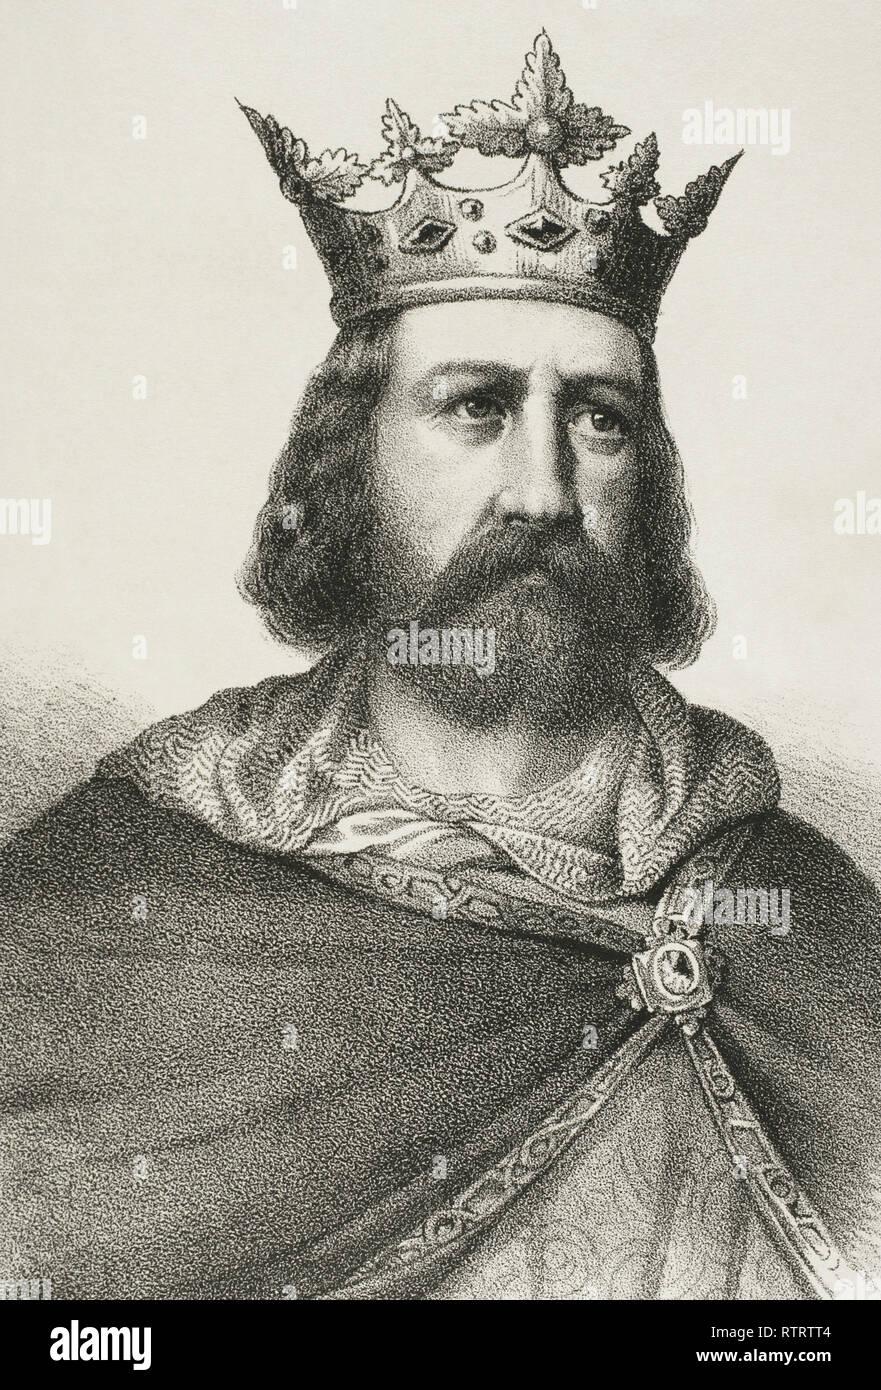 Alfons II the Chaste (1157-1196). King of Aragon and Count of Barcelona. Lithography. Detail. Crónica General de España, Historia Ilustrada y Descriptiva de sus Provincias. Catalonia. 1866. - Stock Image